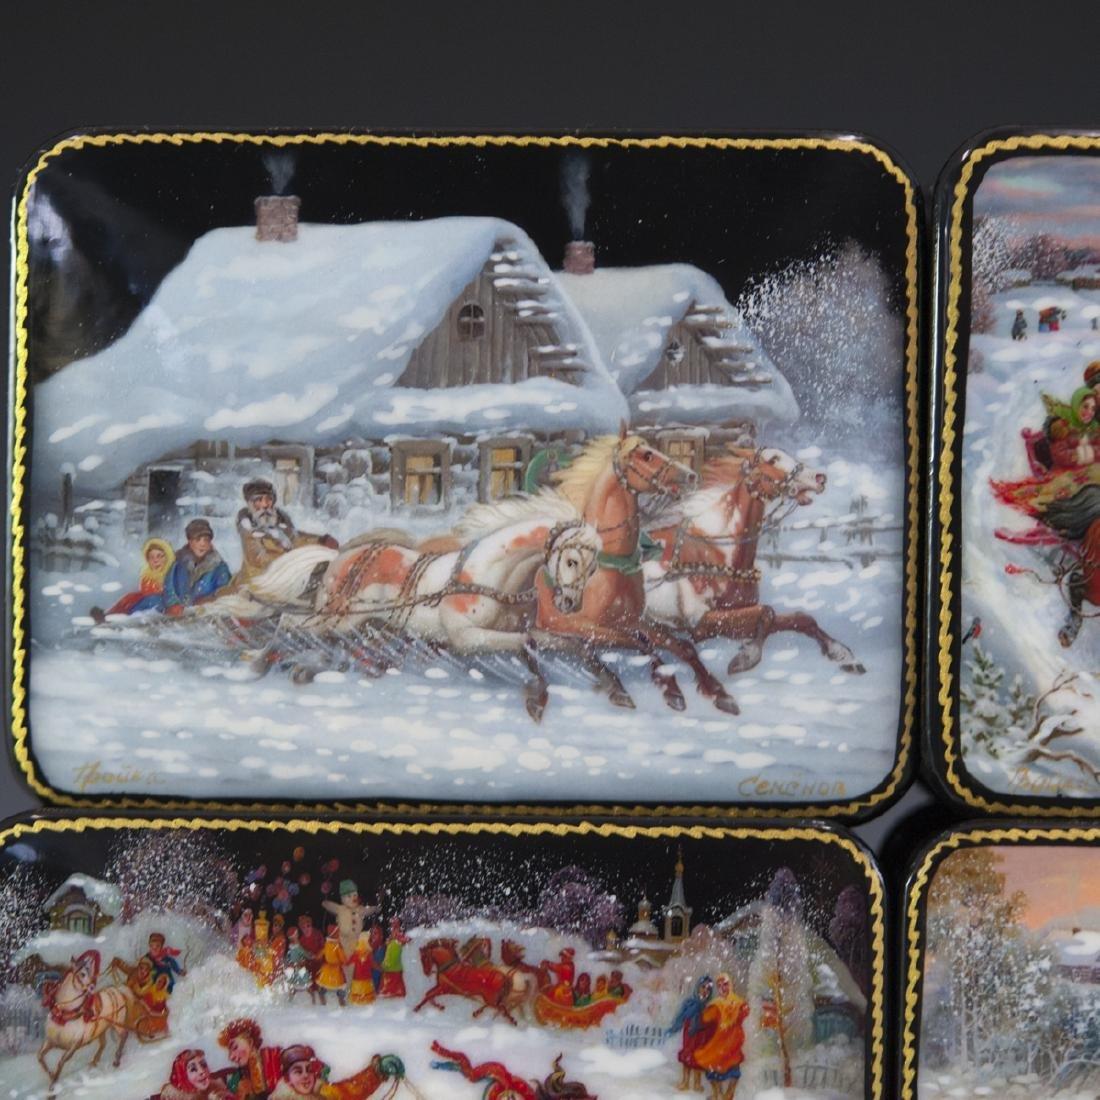 Russian Lacquered Papier Mache Troika Boxes - 6